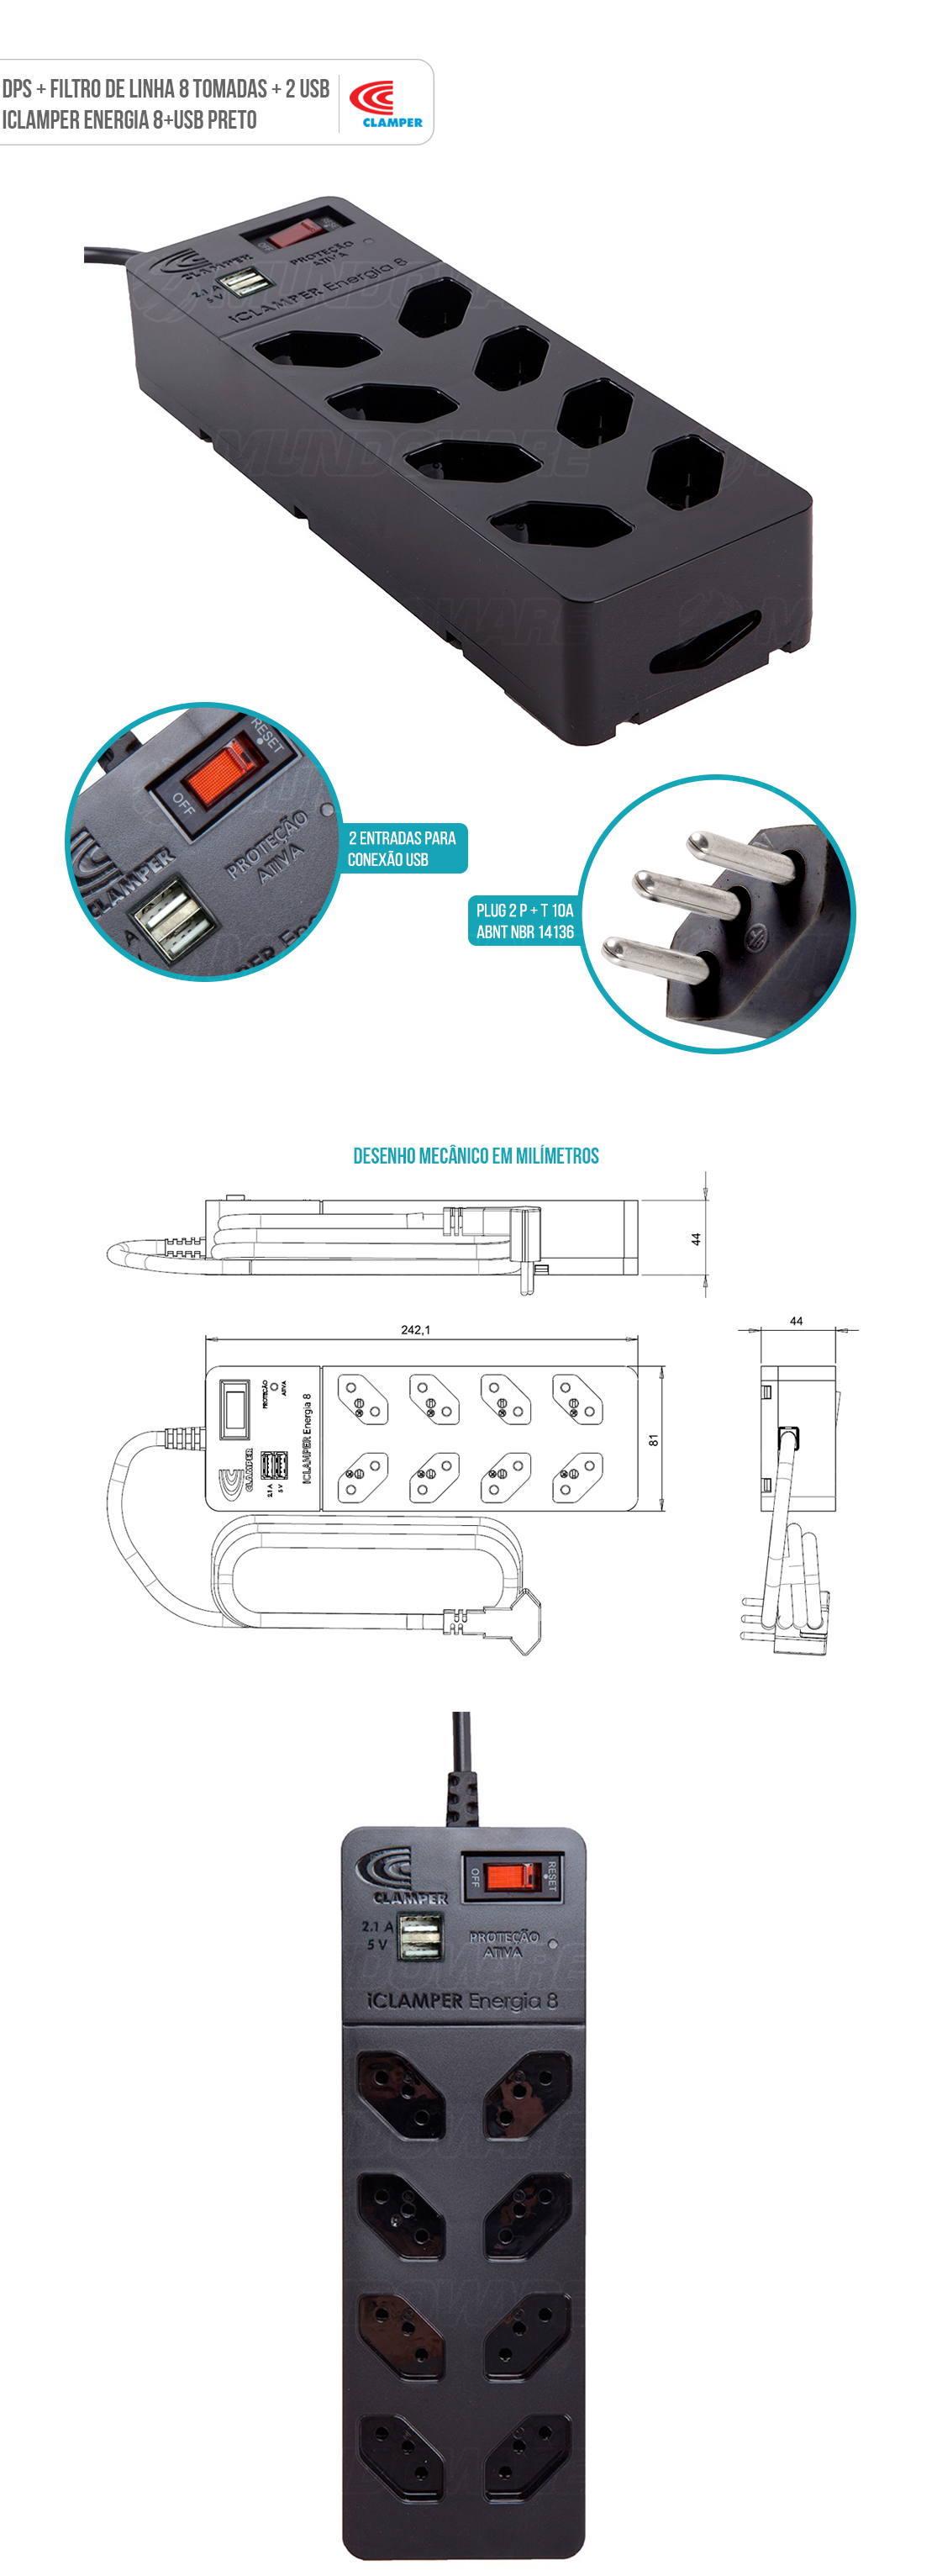 DPS com Filtro de Linha 8 Tomadas 2 USB Proteção Robusta contra Surtos Elétricos iClamper Energia 8 Clamper Preto